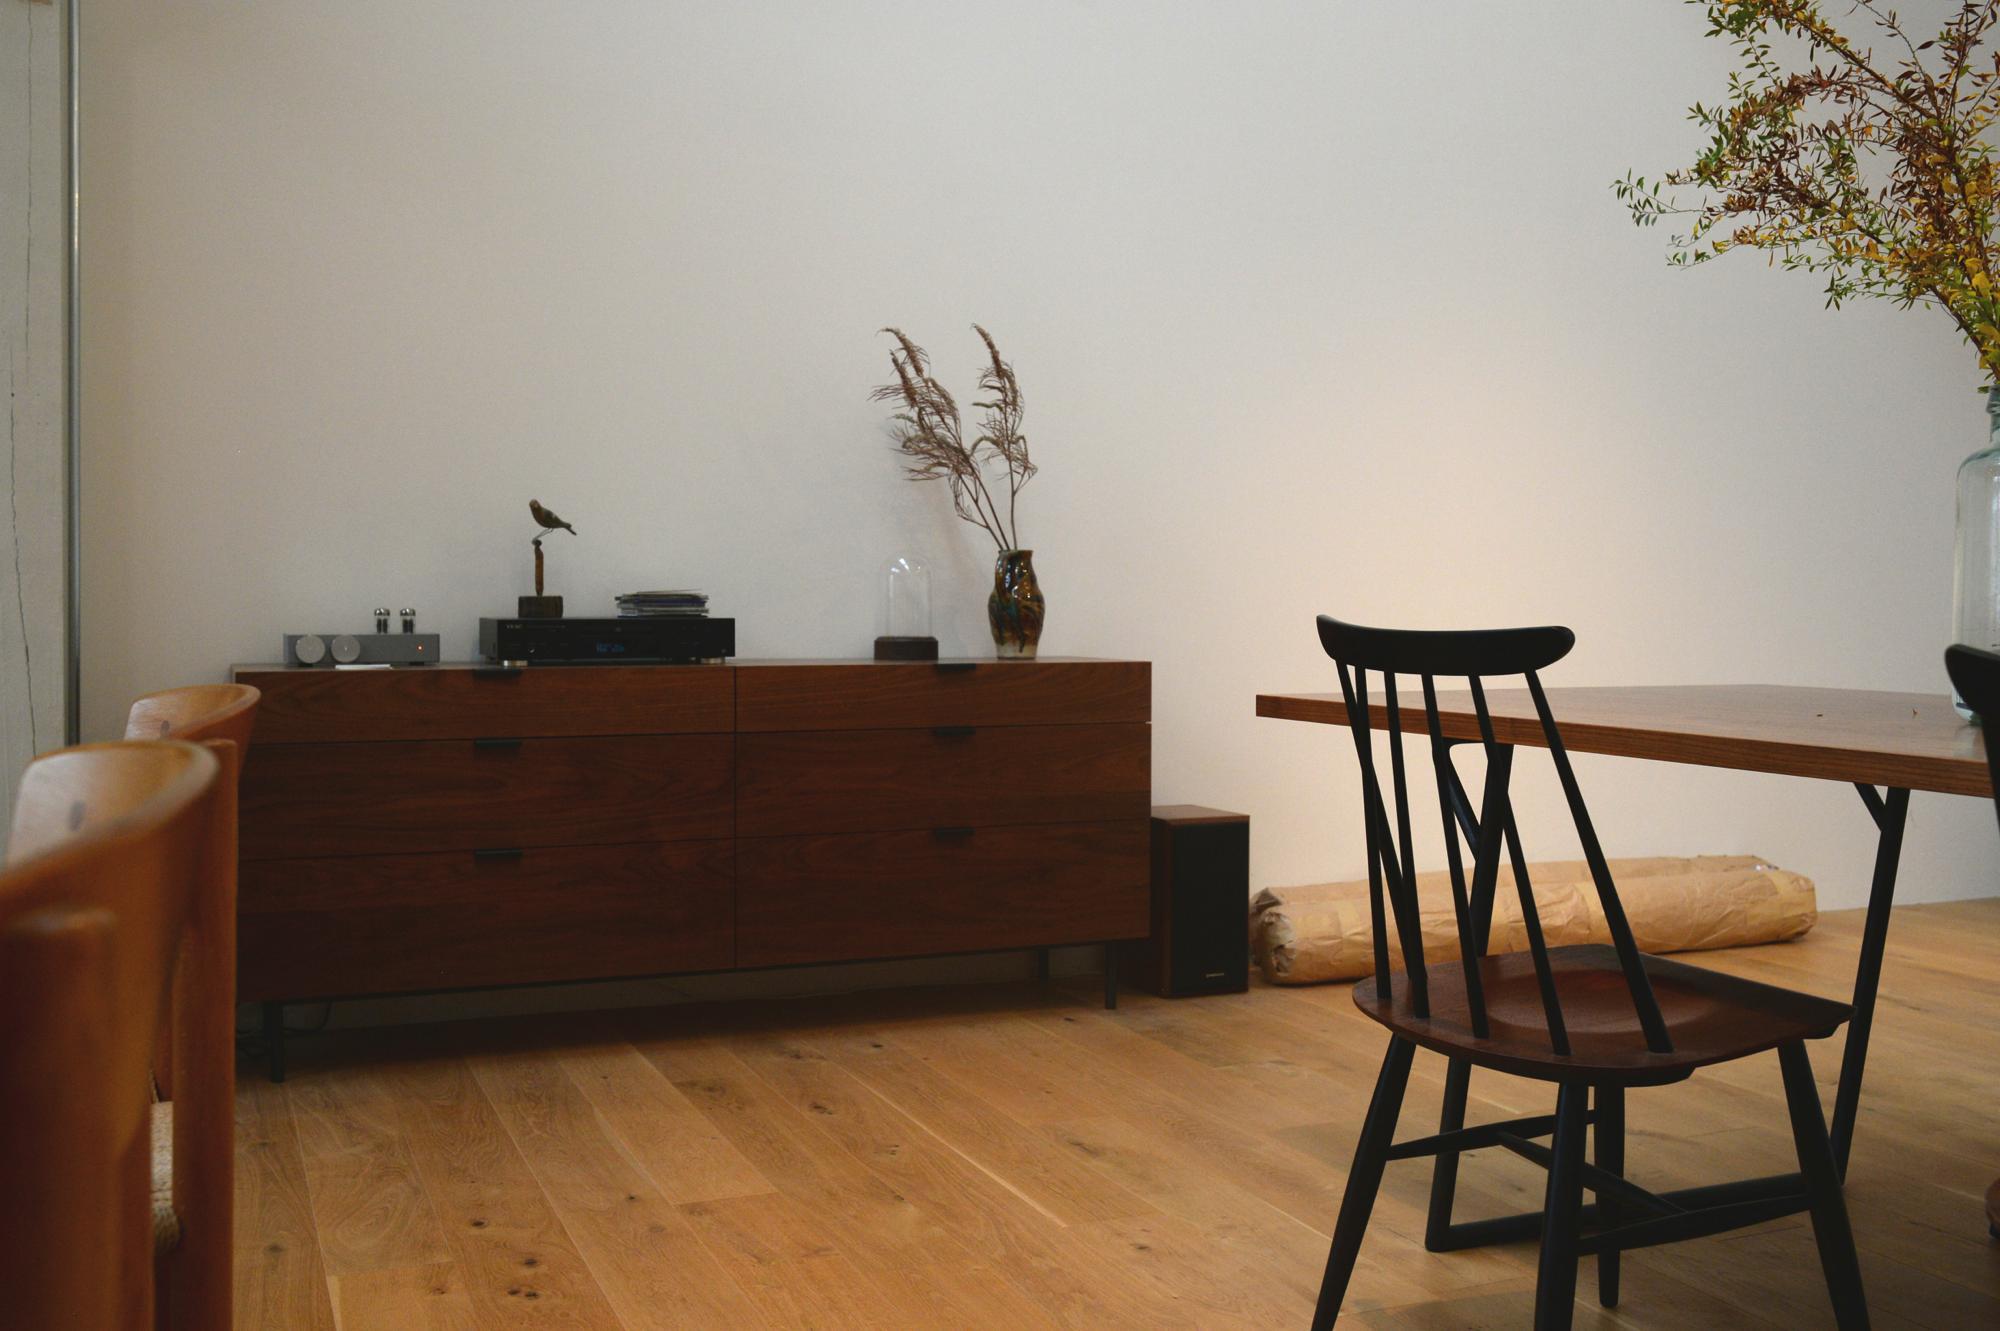 オーダー家具 walden 東京